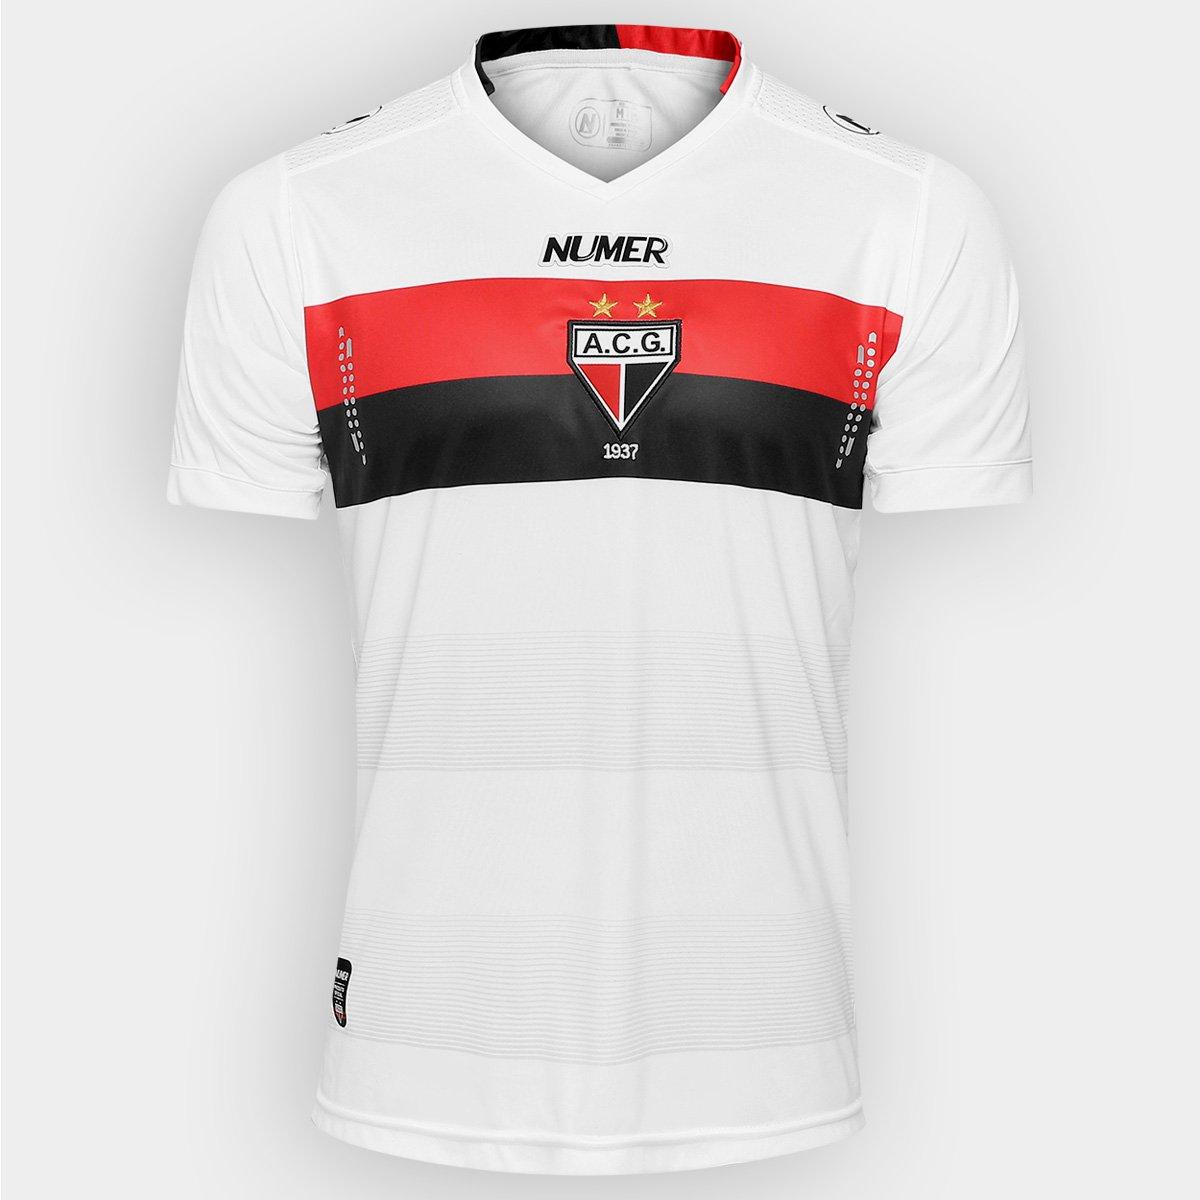 eff37d393f Camisa Atlético-GO II 2016 s nº Torcedor Numer Masculina - Compre Agora